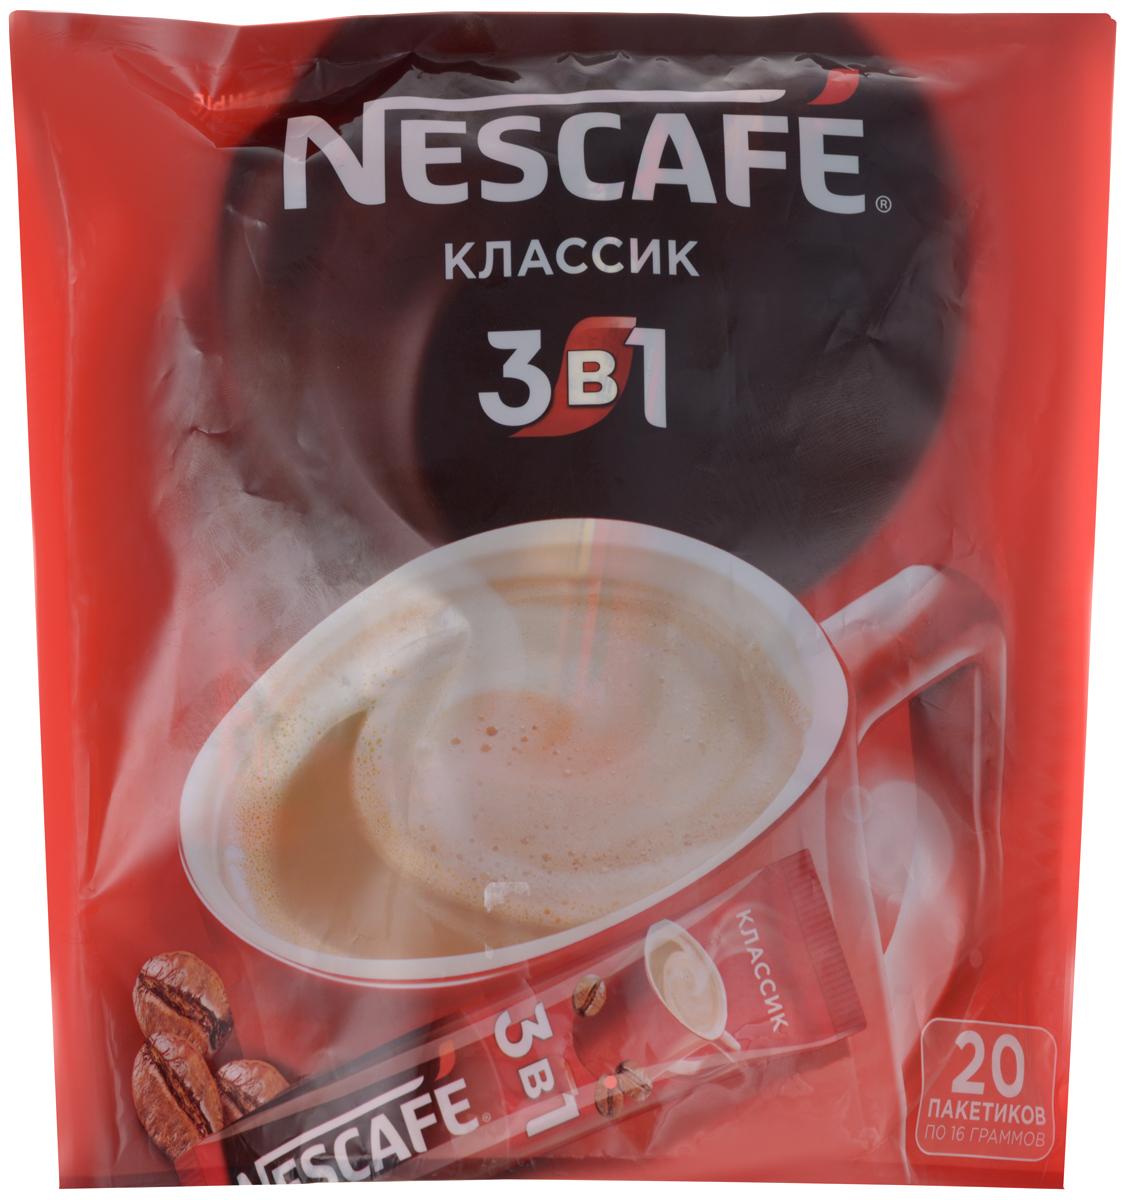 Nescafe 3 в 1 Классик кофе растворимый, 20 шт